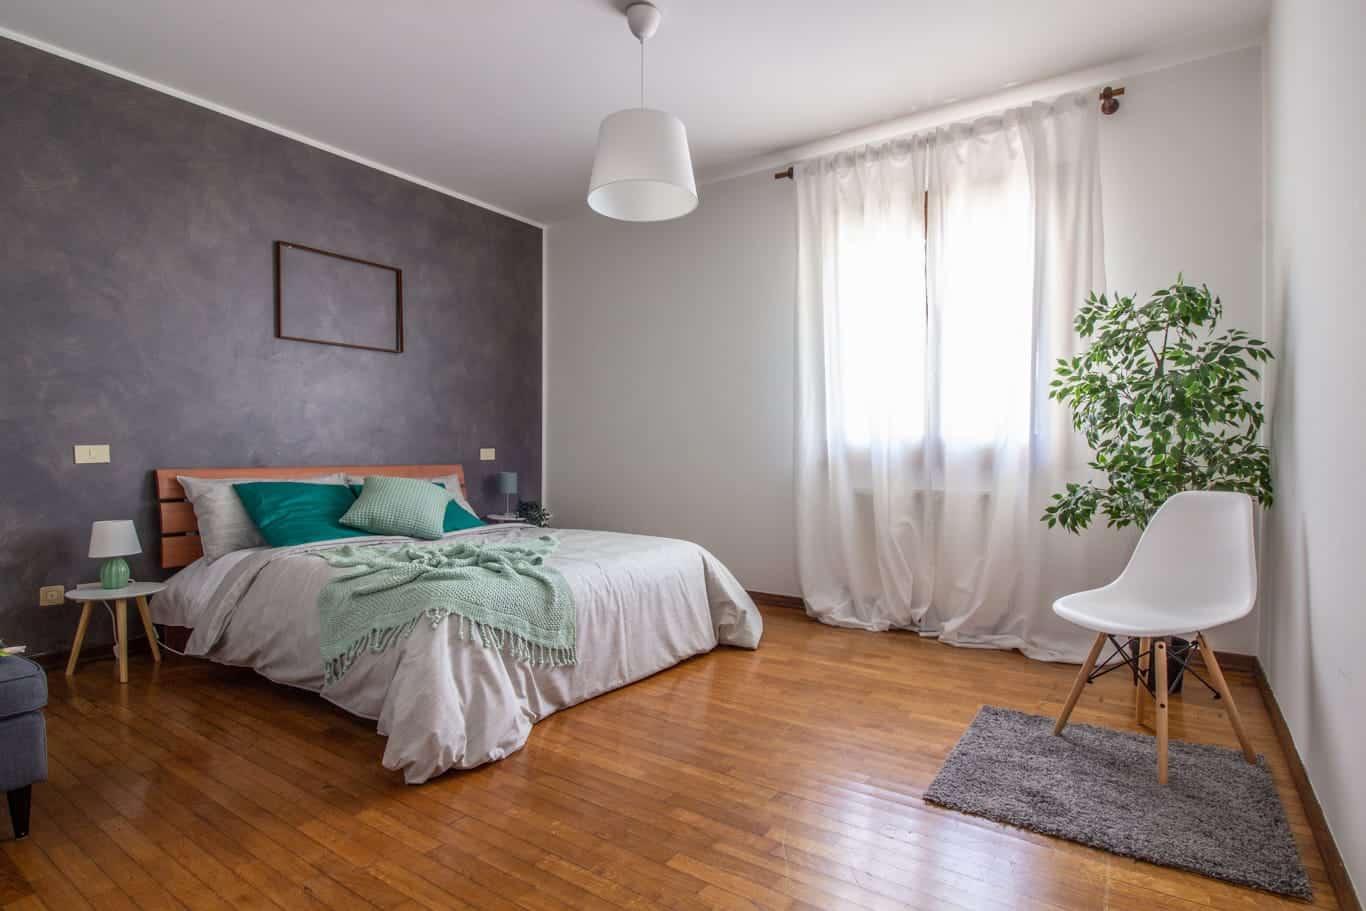 homelead-immobiliare-appartamento-zoppola (4 of 8)